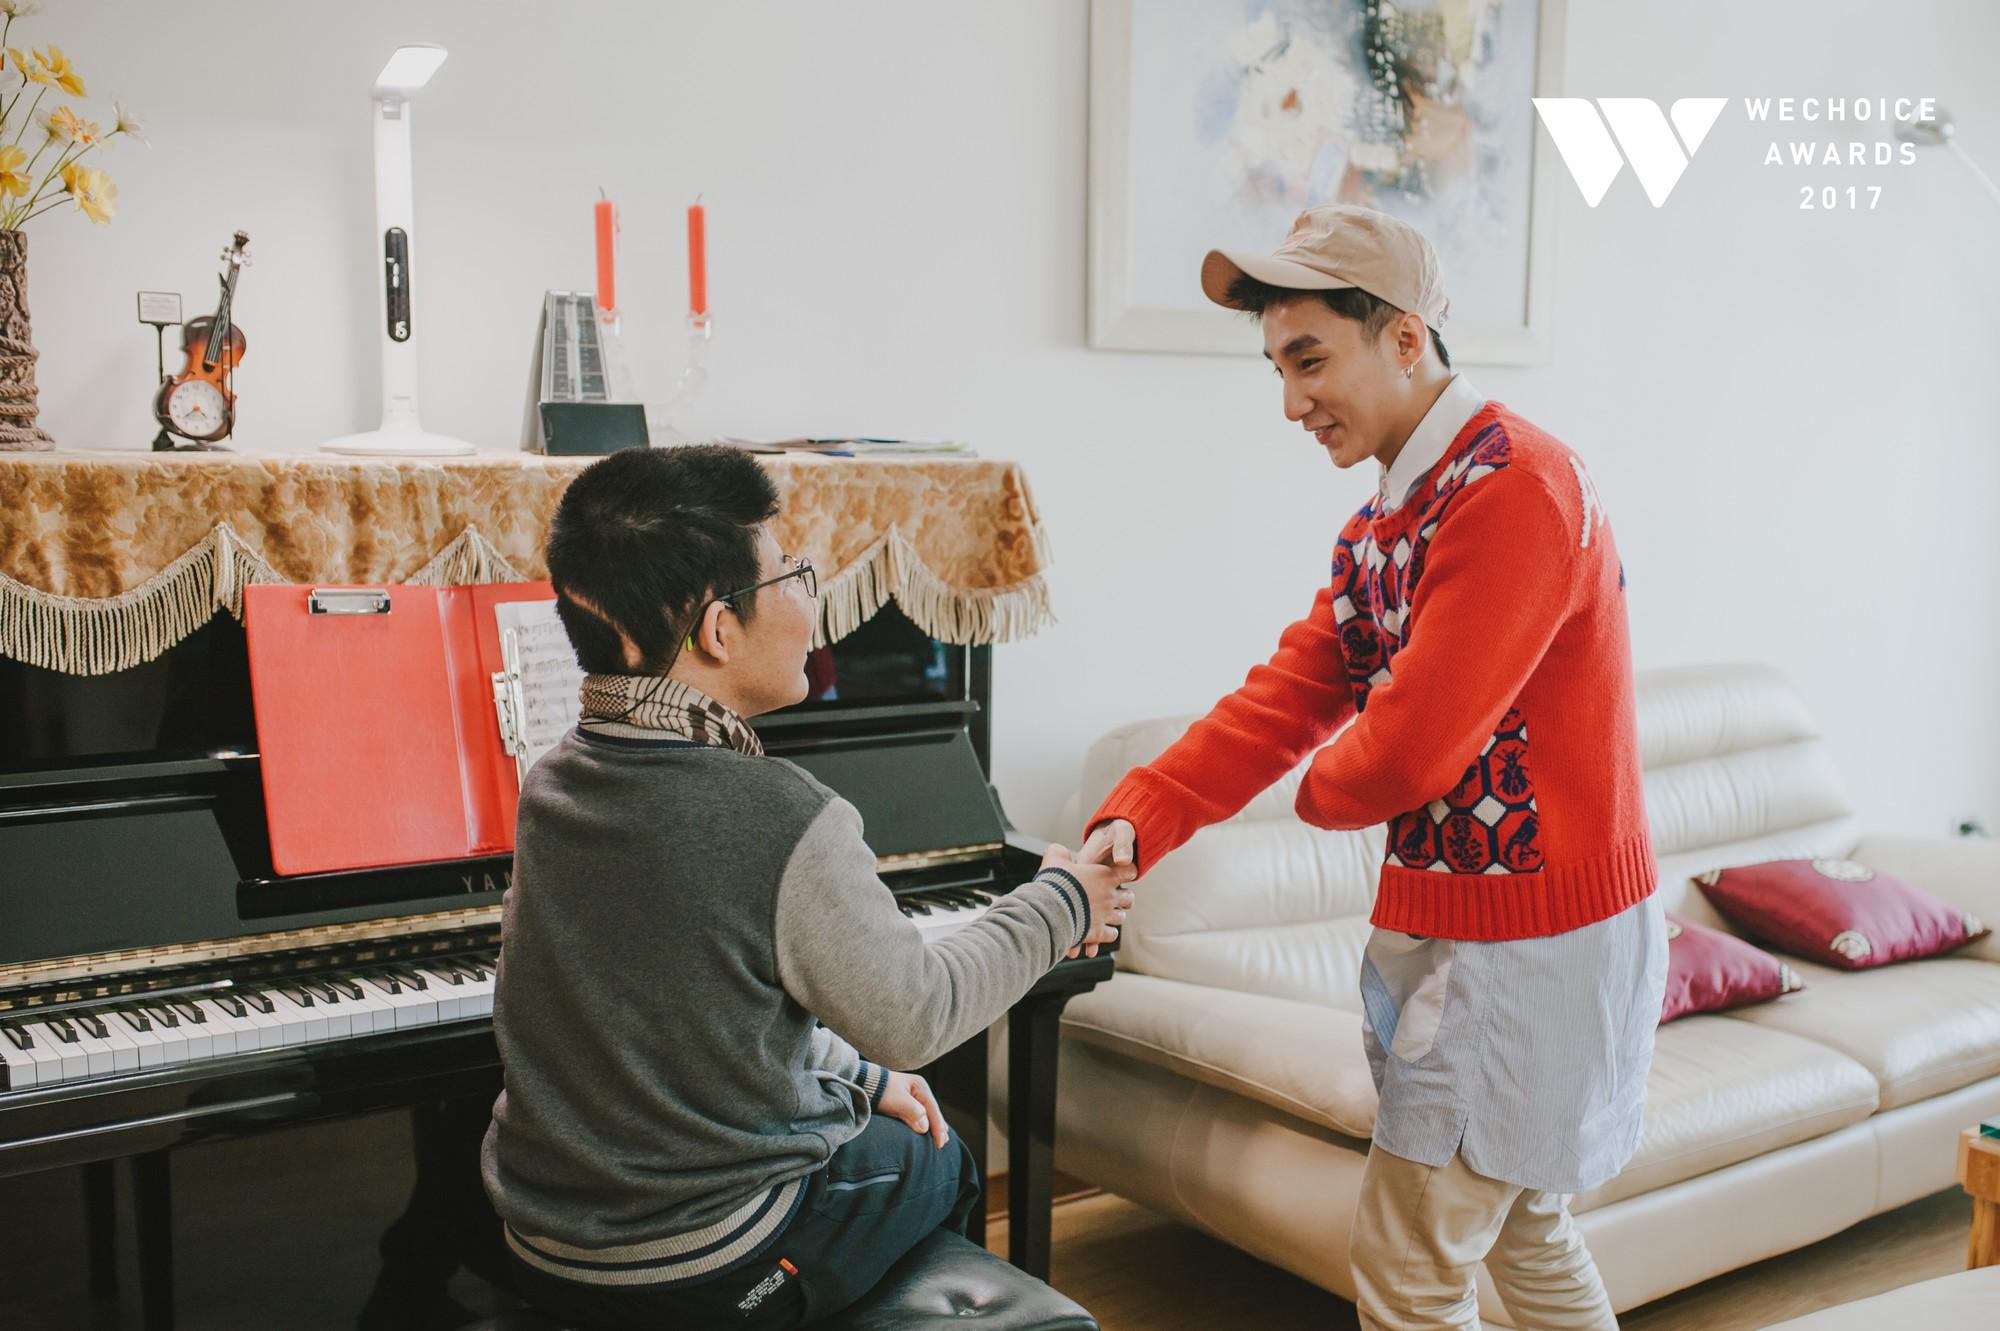 Khoảnh khắc đẹp: Sơn Tùng và bé Bôm hoà chung đam mê qua tiếng đàn, tập luyện cho sân khấu đặc biệt Gala WeChoice Awards 2017 - Ảnh 8.